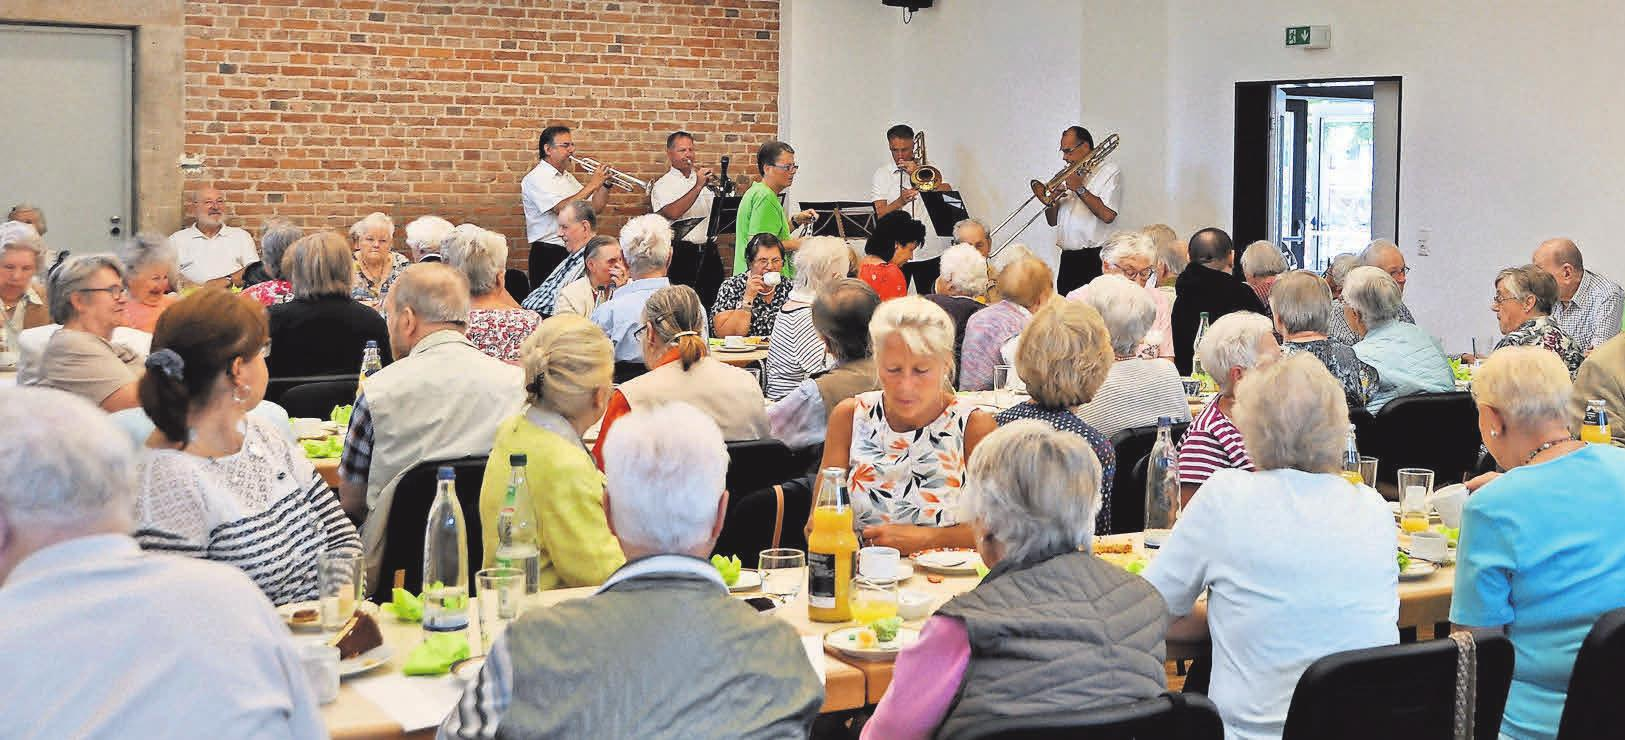 Zum traditionellen Kaffeenachmittag waren die Reihen im Saal des Dorfgemeinschaftshaus in Bredenbeck sehr gut gefüllt. Im Hintergrund der Bläserchor des Polizeimusikorchesters.